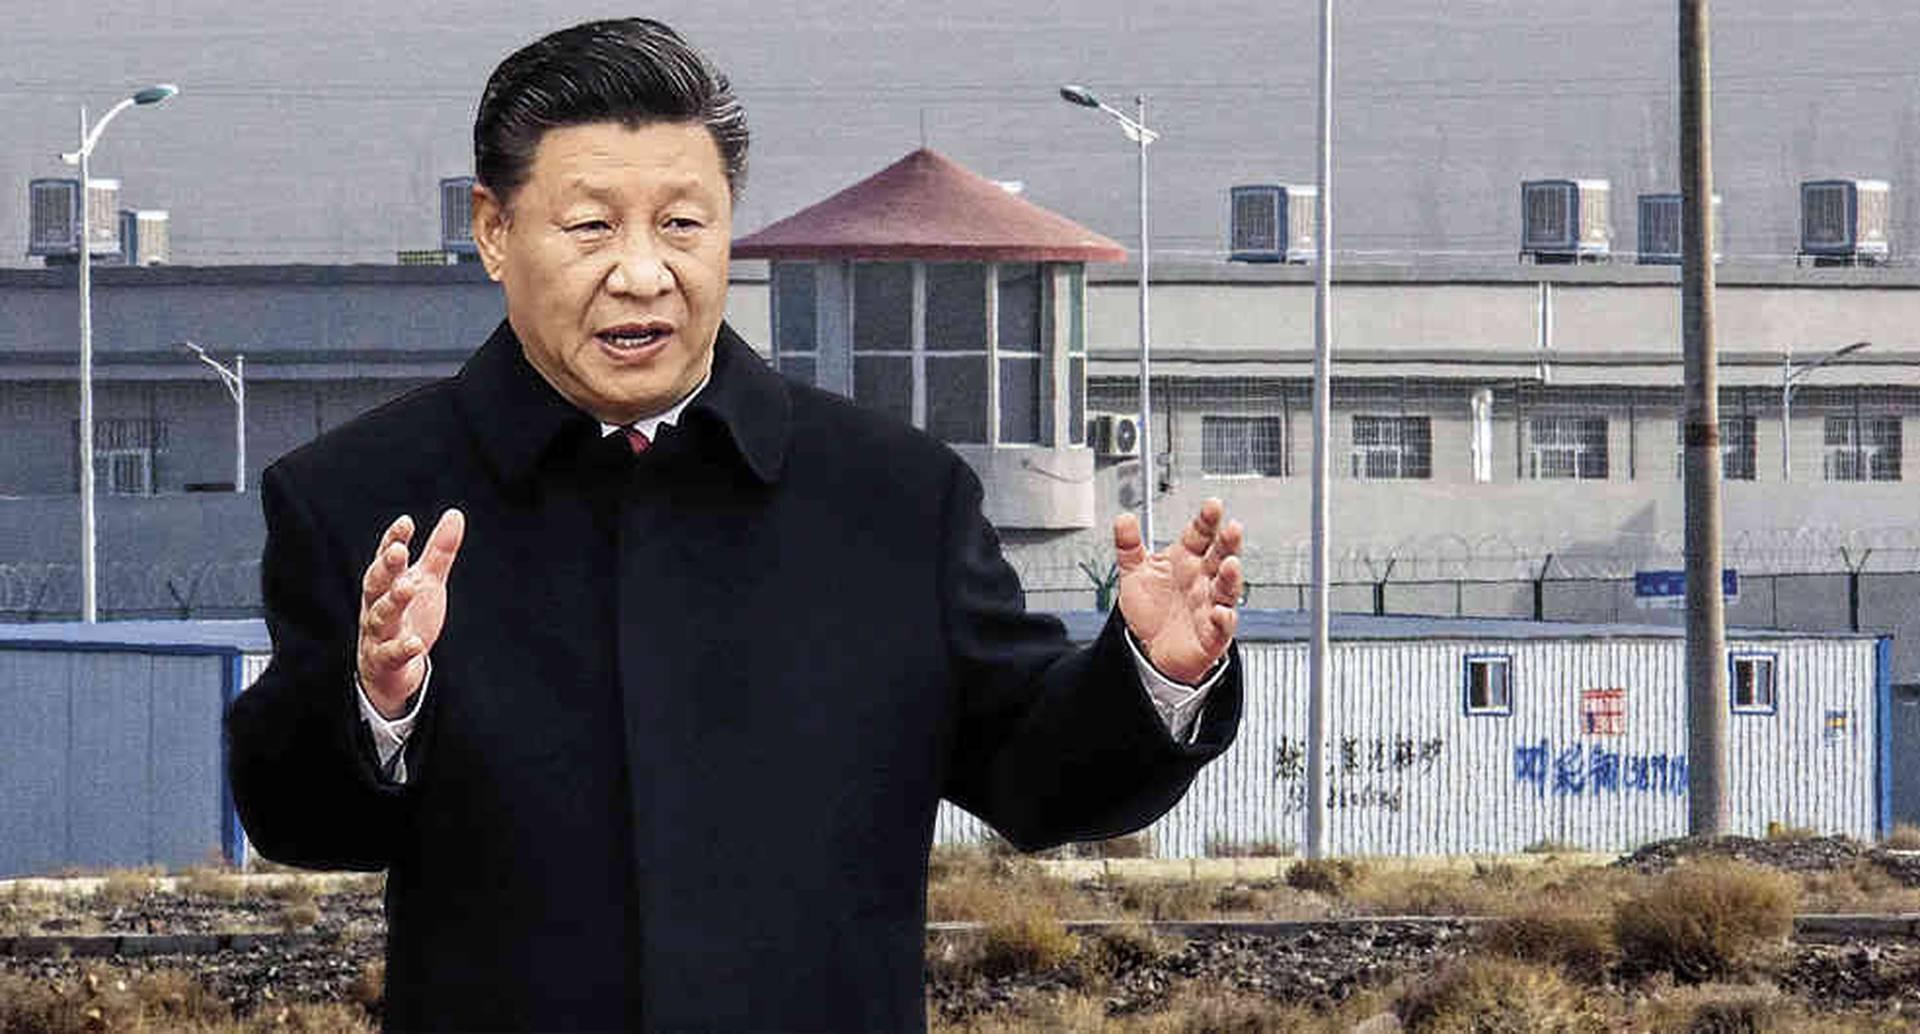 Para muchos, Xi Jinping es el presidente más autoritario desde Mao Zedong. Es poco factible que su política de exterminio a las minorías cambie. Al contrario, puede empeorar a medida que su poder aumenta.